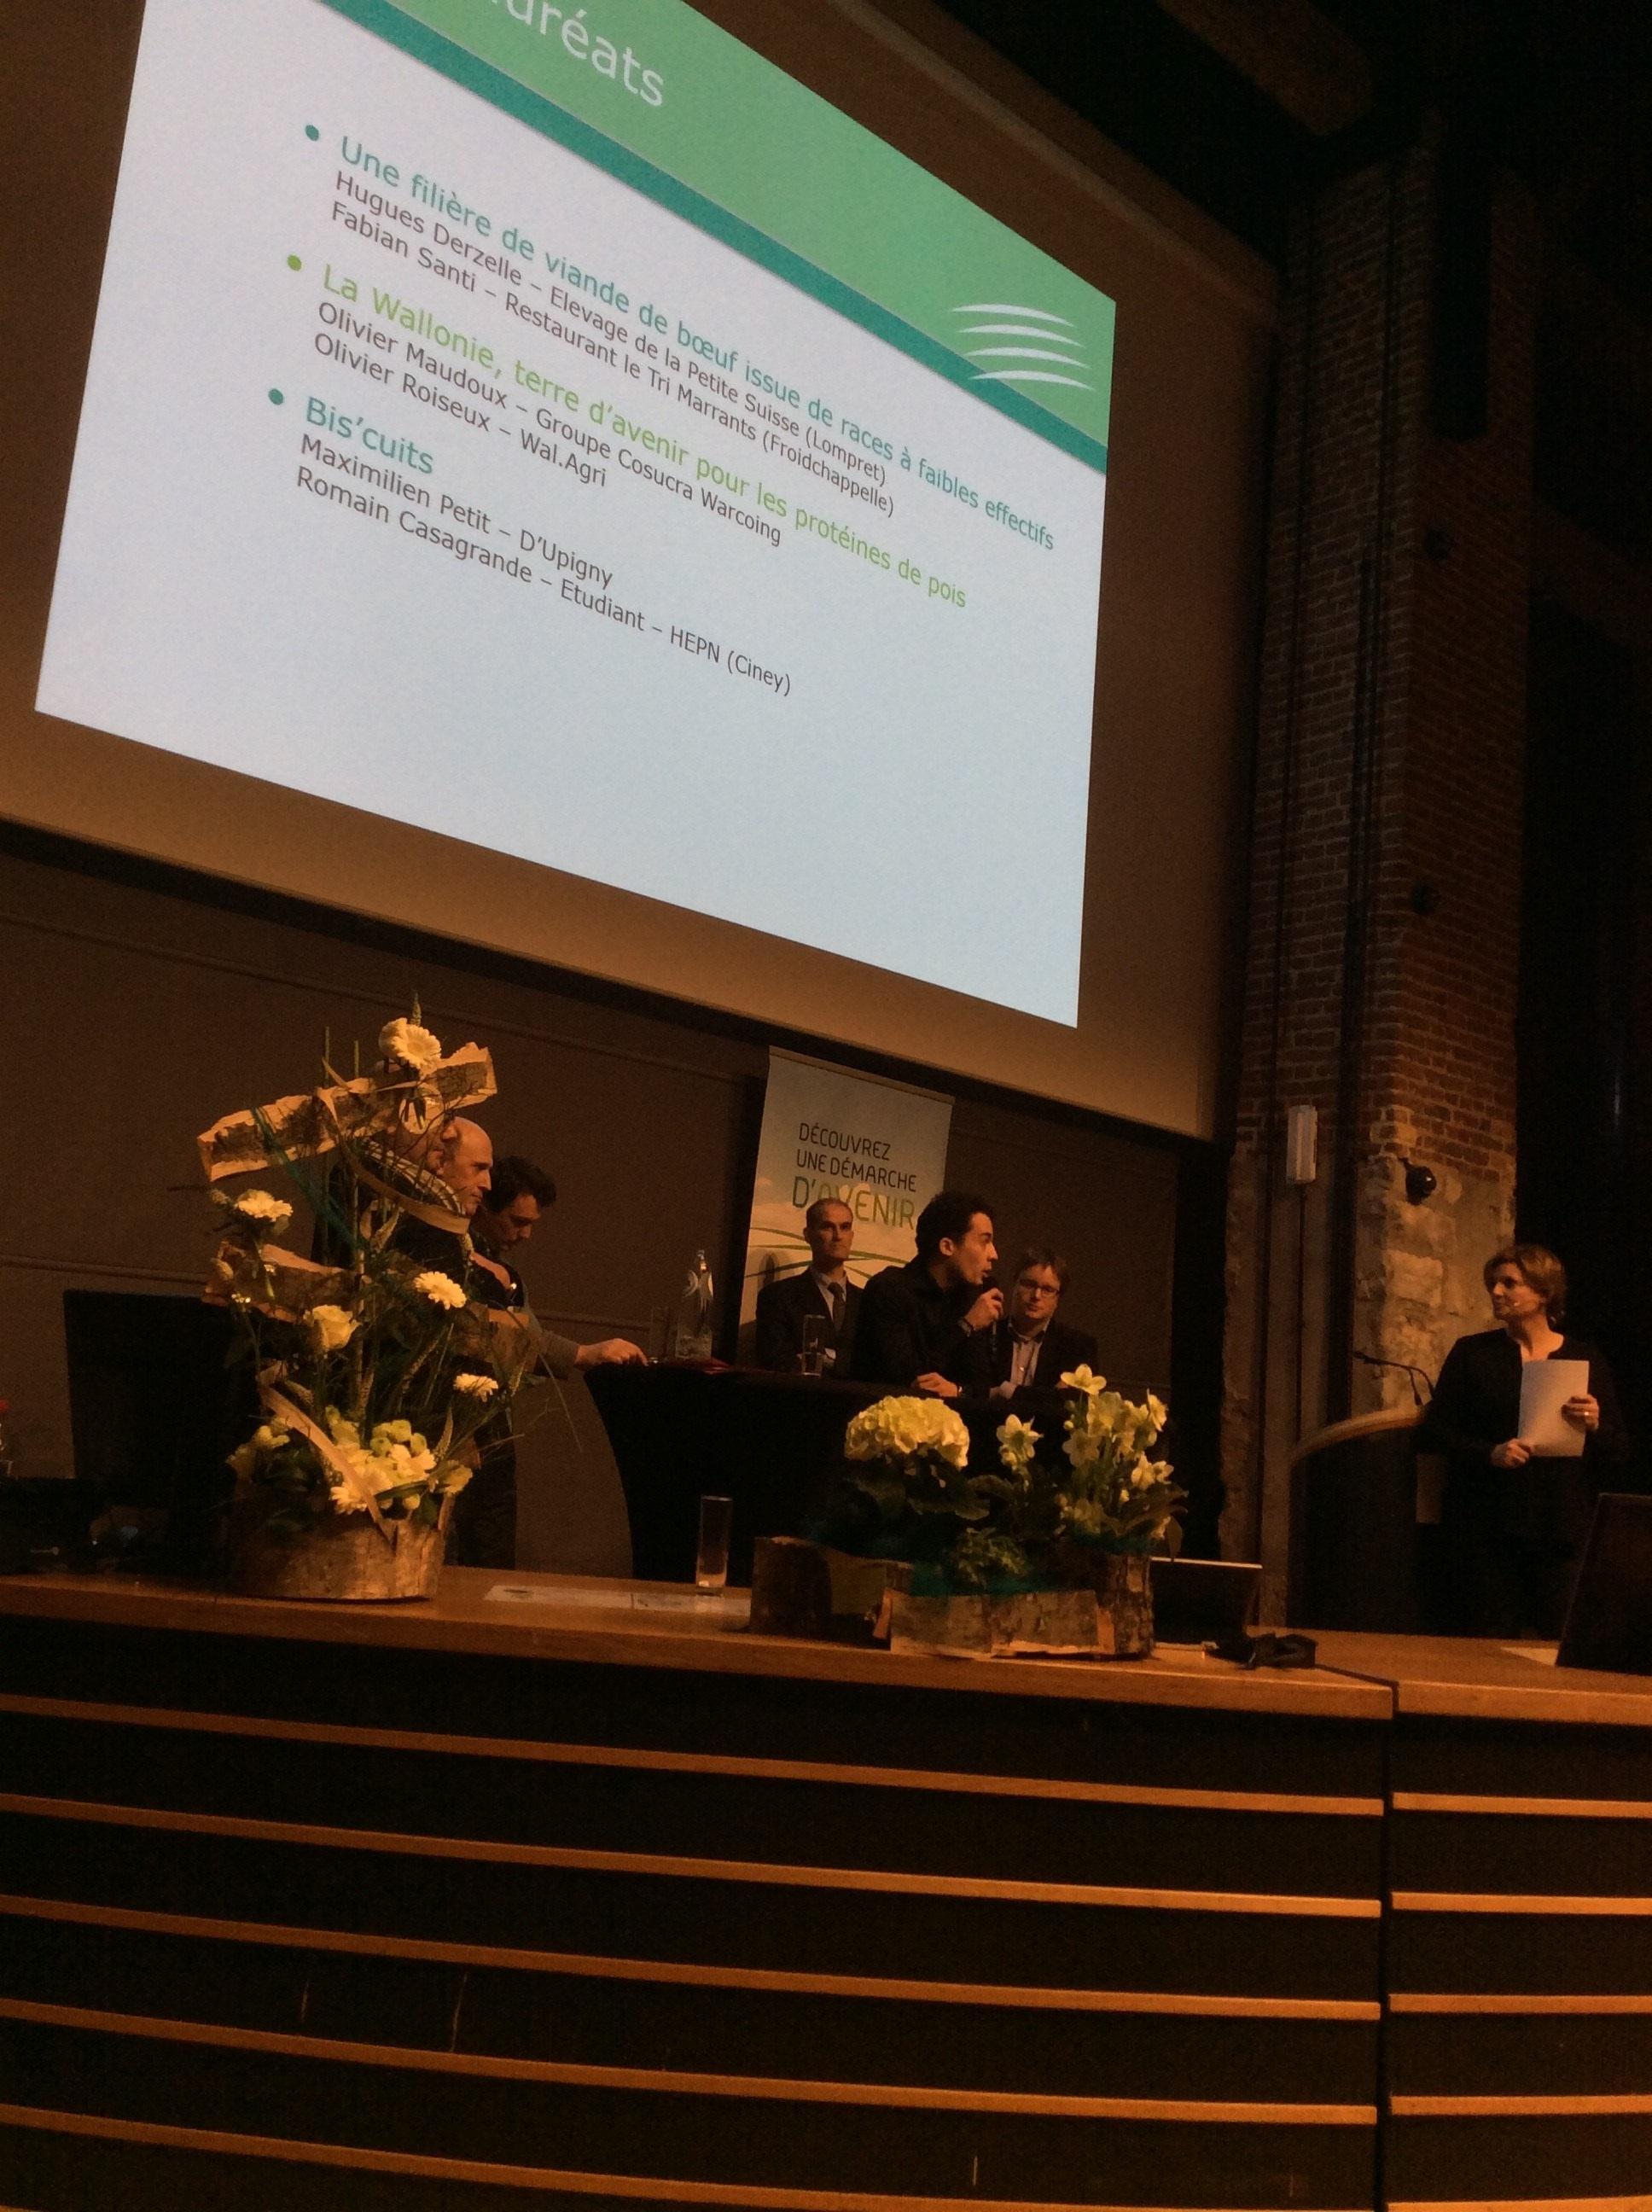 Les lauréats de l'appel à initiatives D'Avenir ont présentés leurs solutions collaboratives